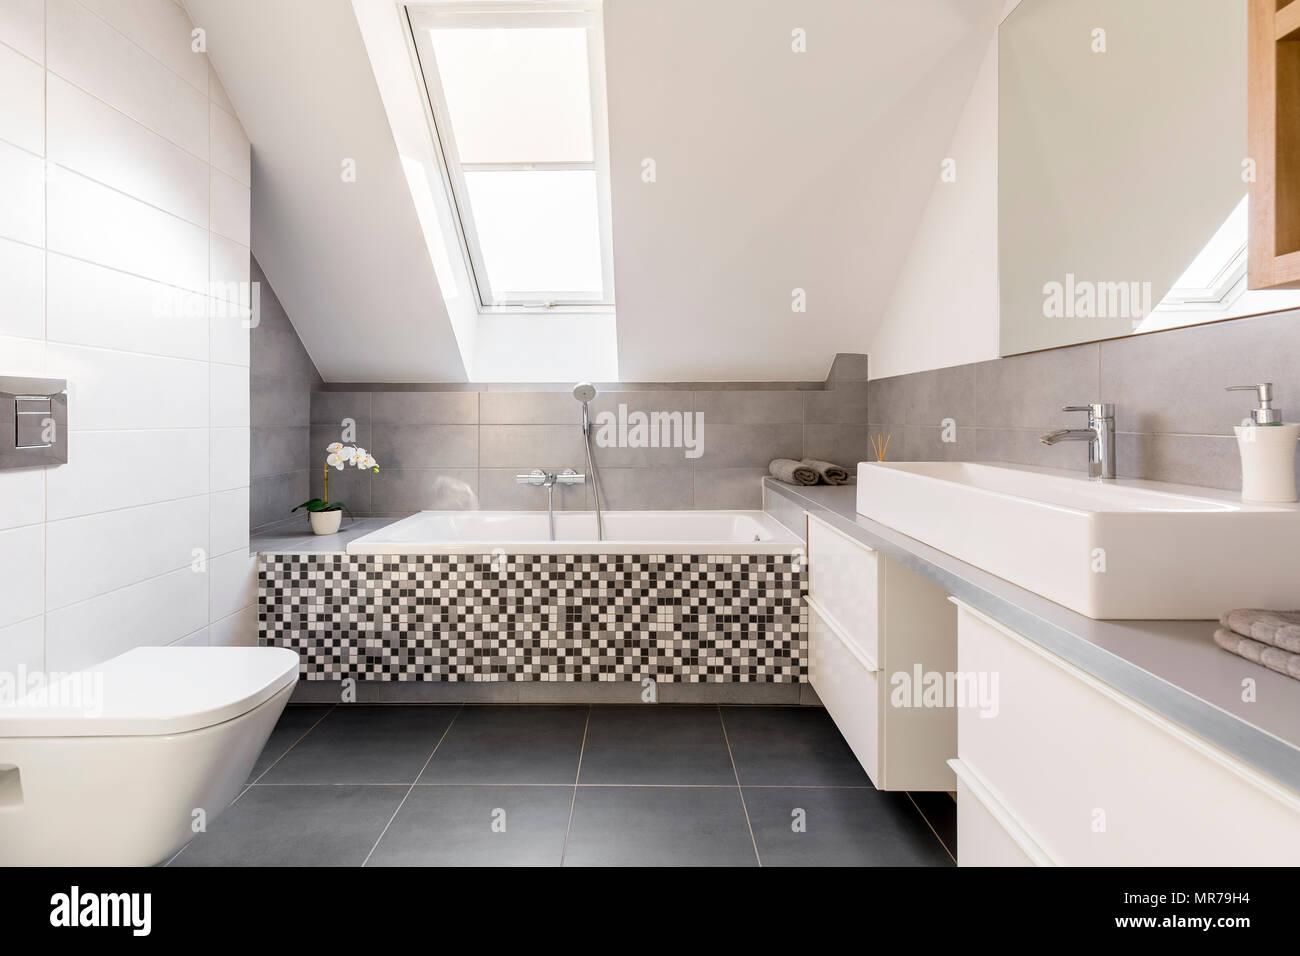 Toilette Gris Et Blanc gris et blanc, salle de bains avec lavabo, toilettes et